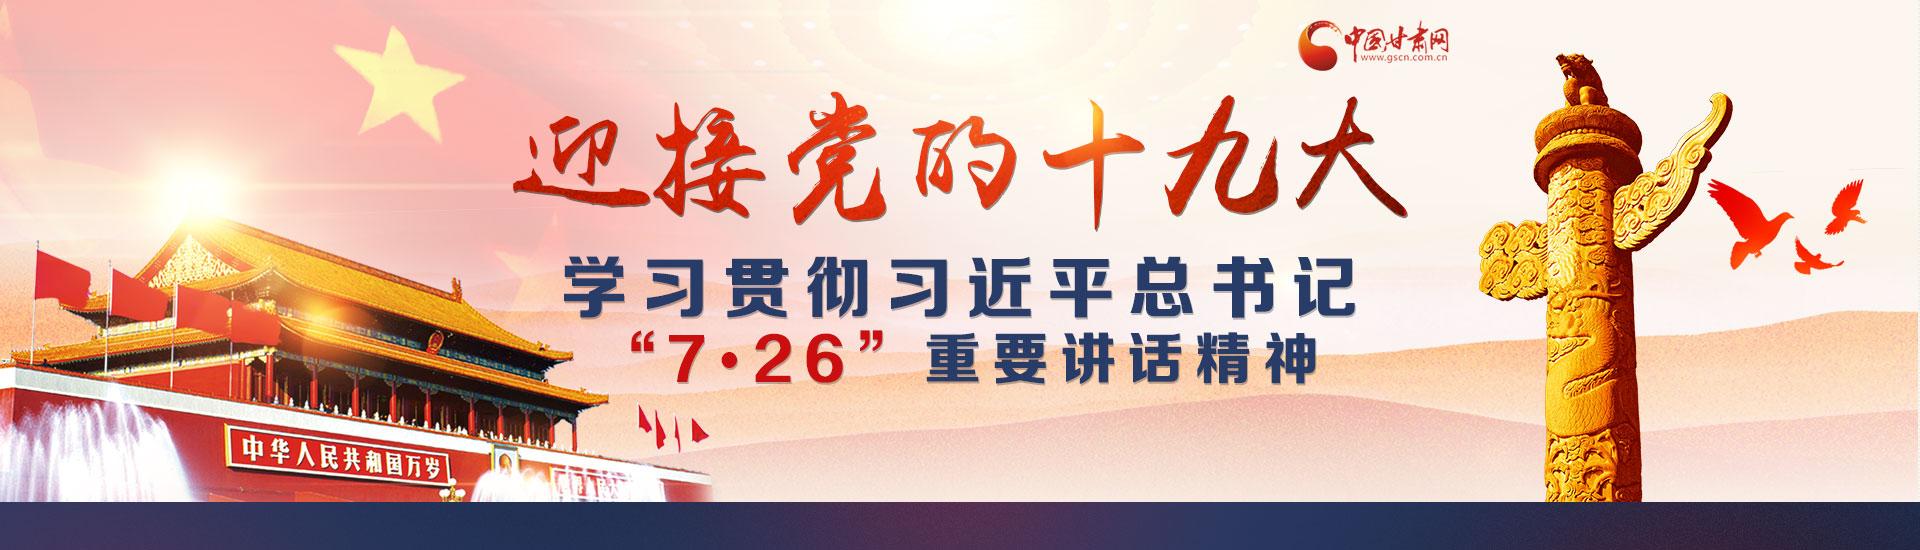 """迎接党的十九大 学习贯彻习近平总书记""""7.26""""重要讲话精神"""